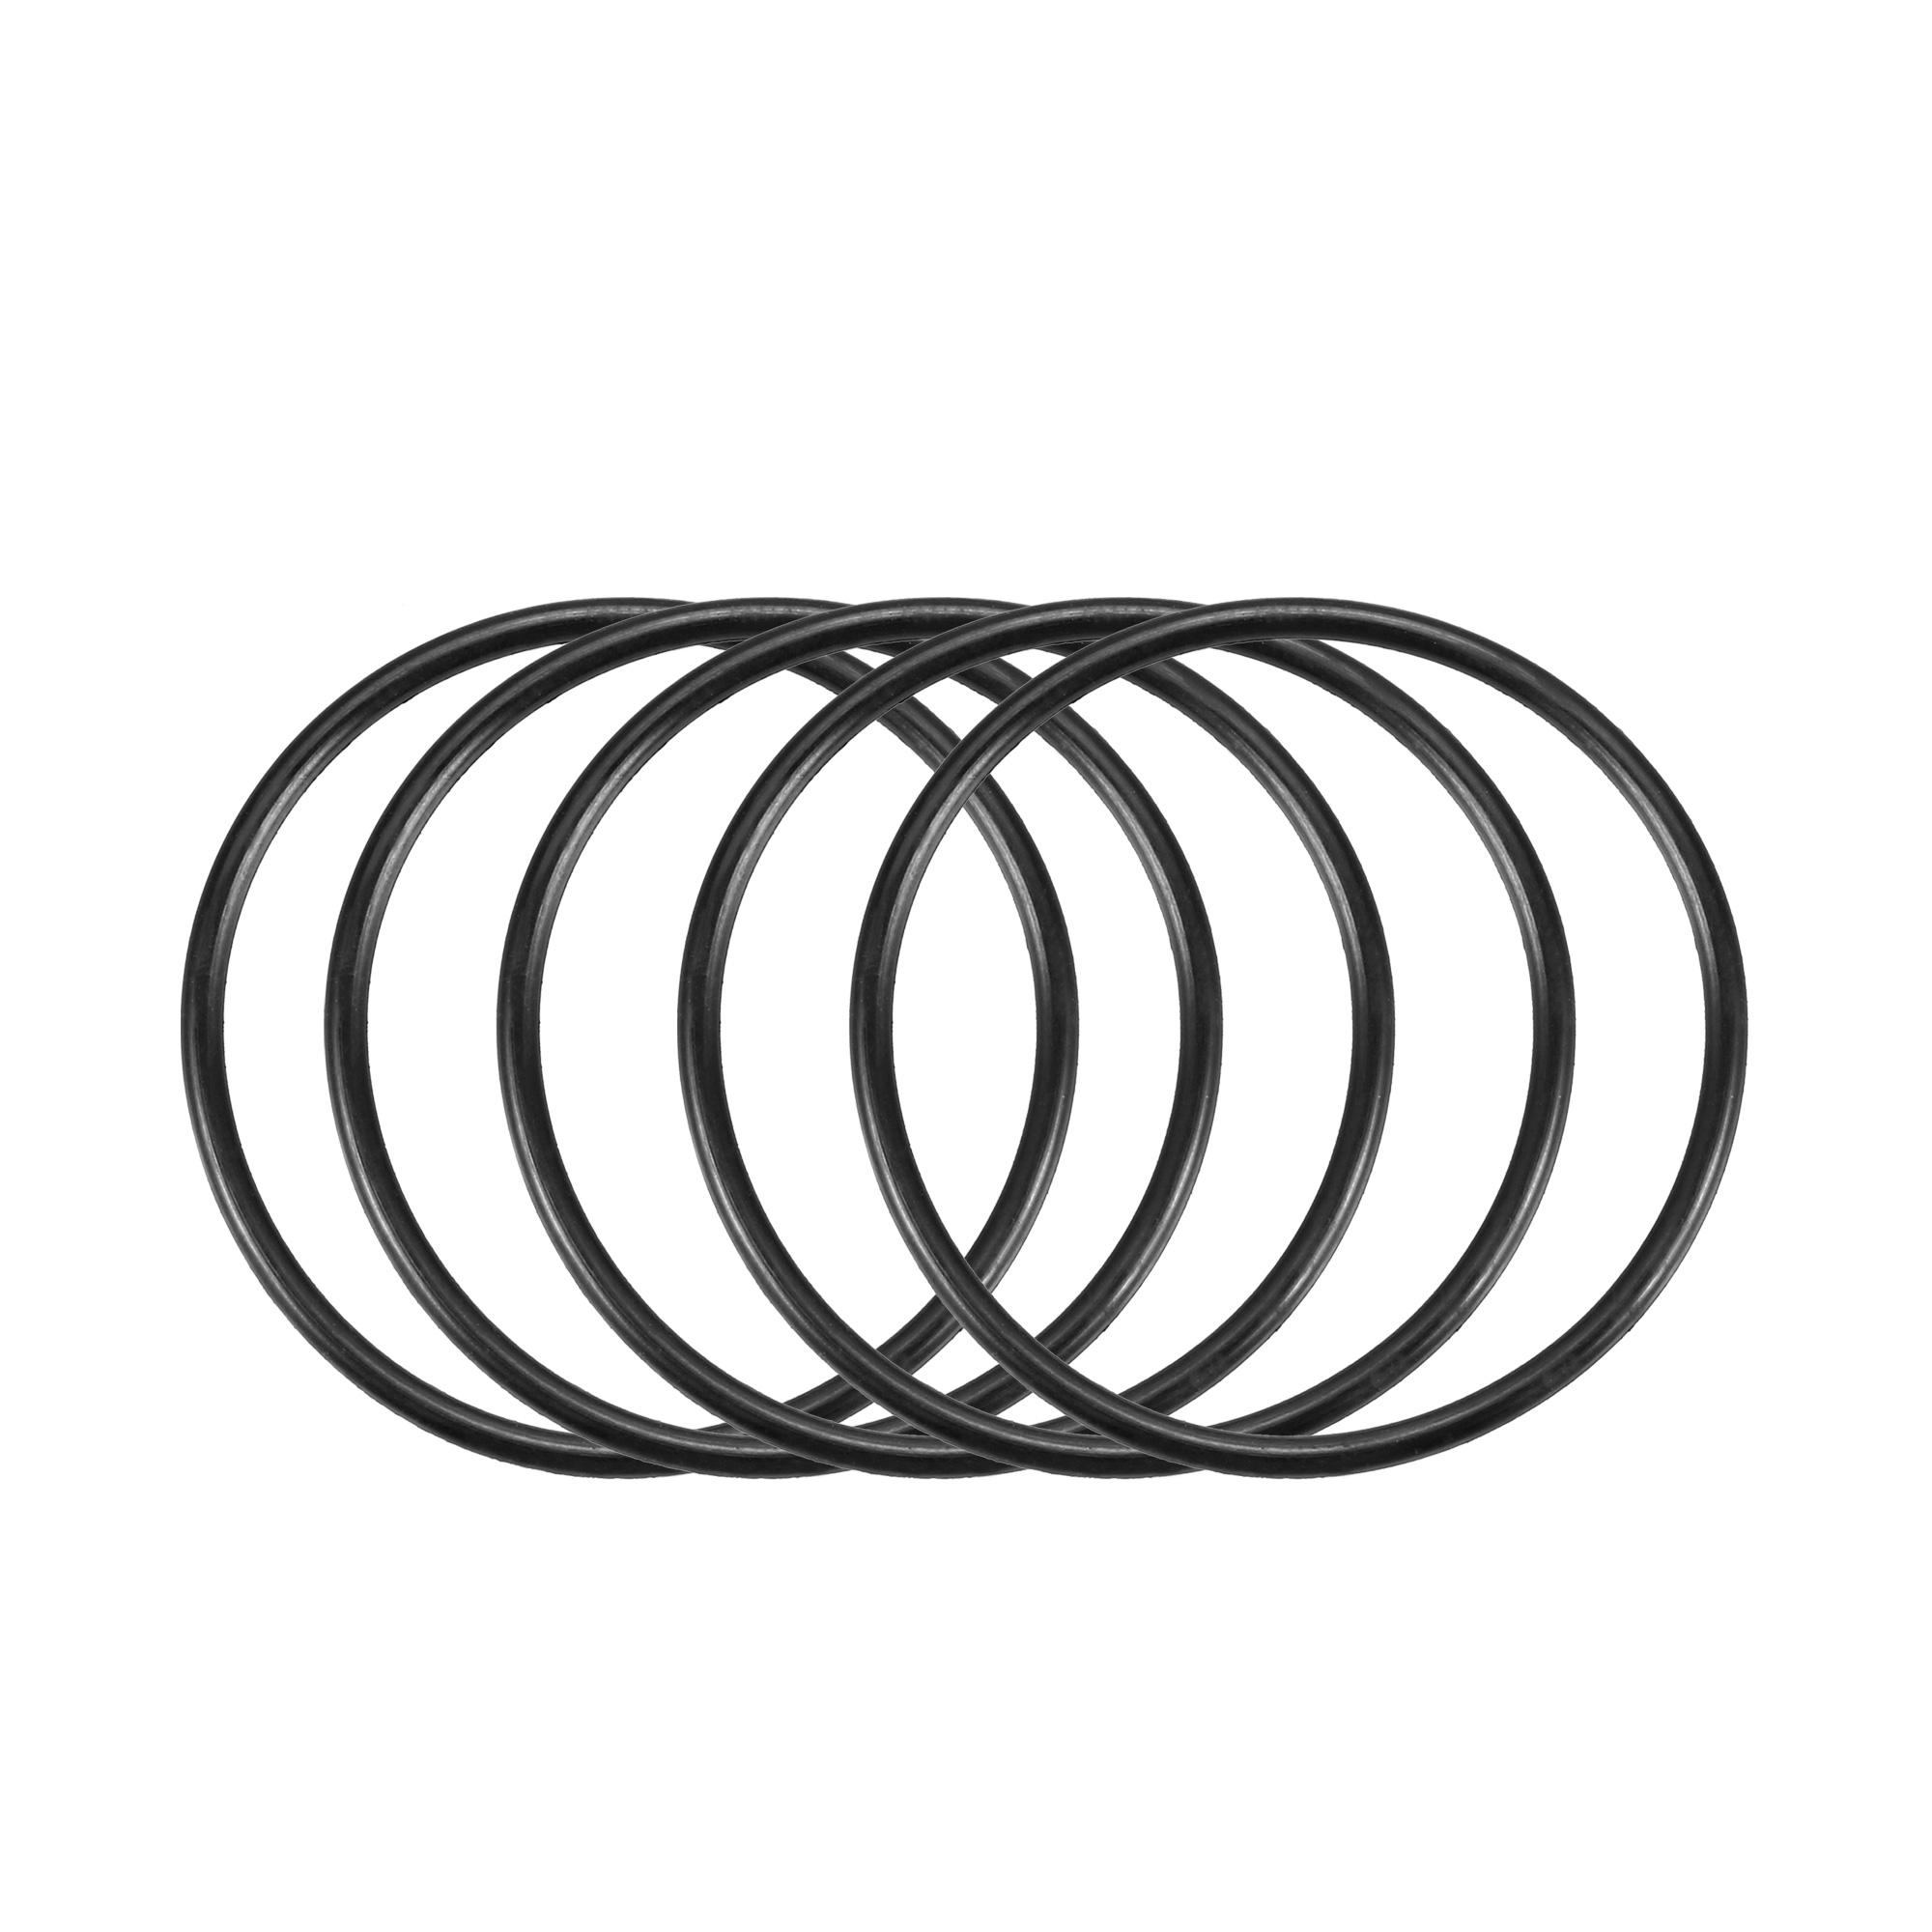 50pcs Black Nitrile Butadiene Rubber NBR O-Ring 33.05mm Inner Dia 1.78mm Width